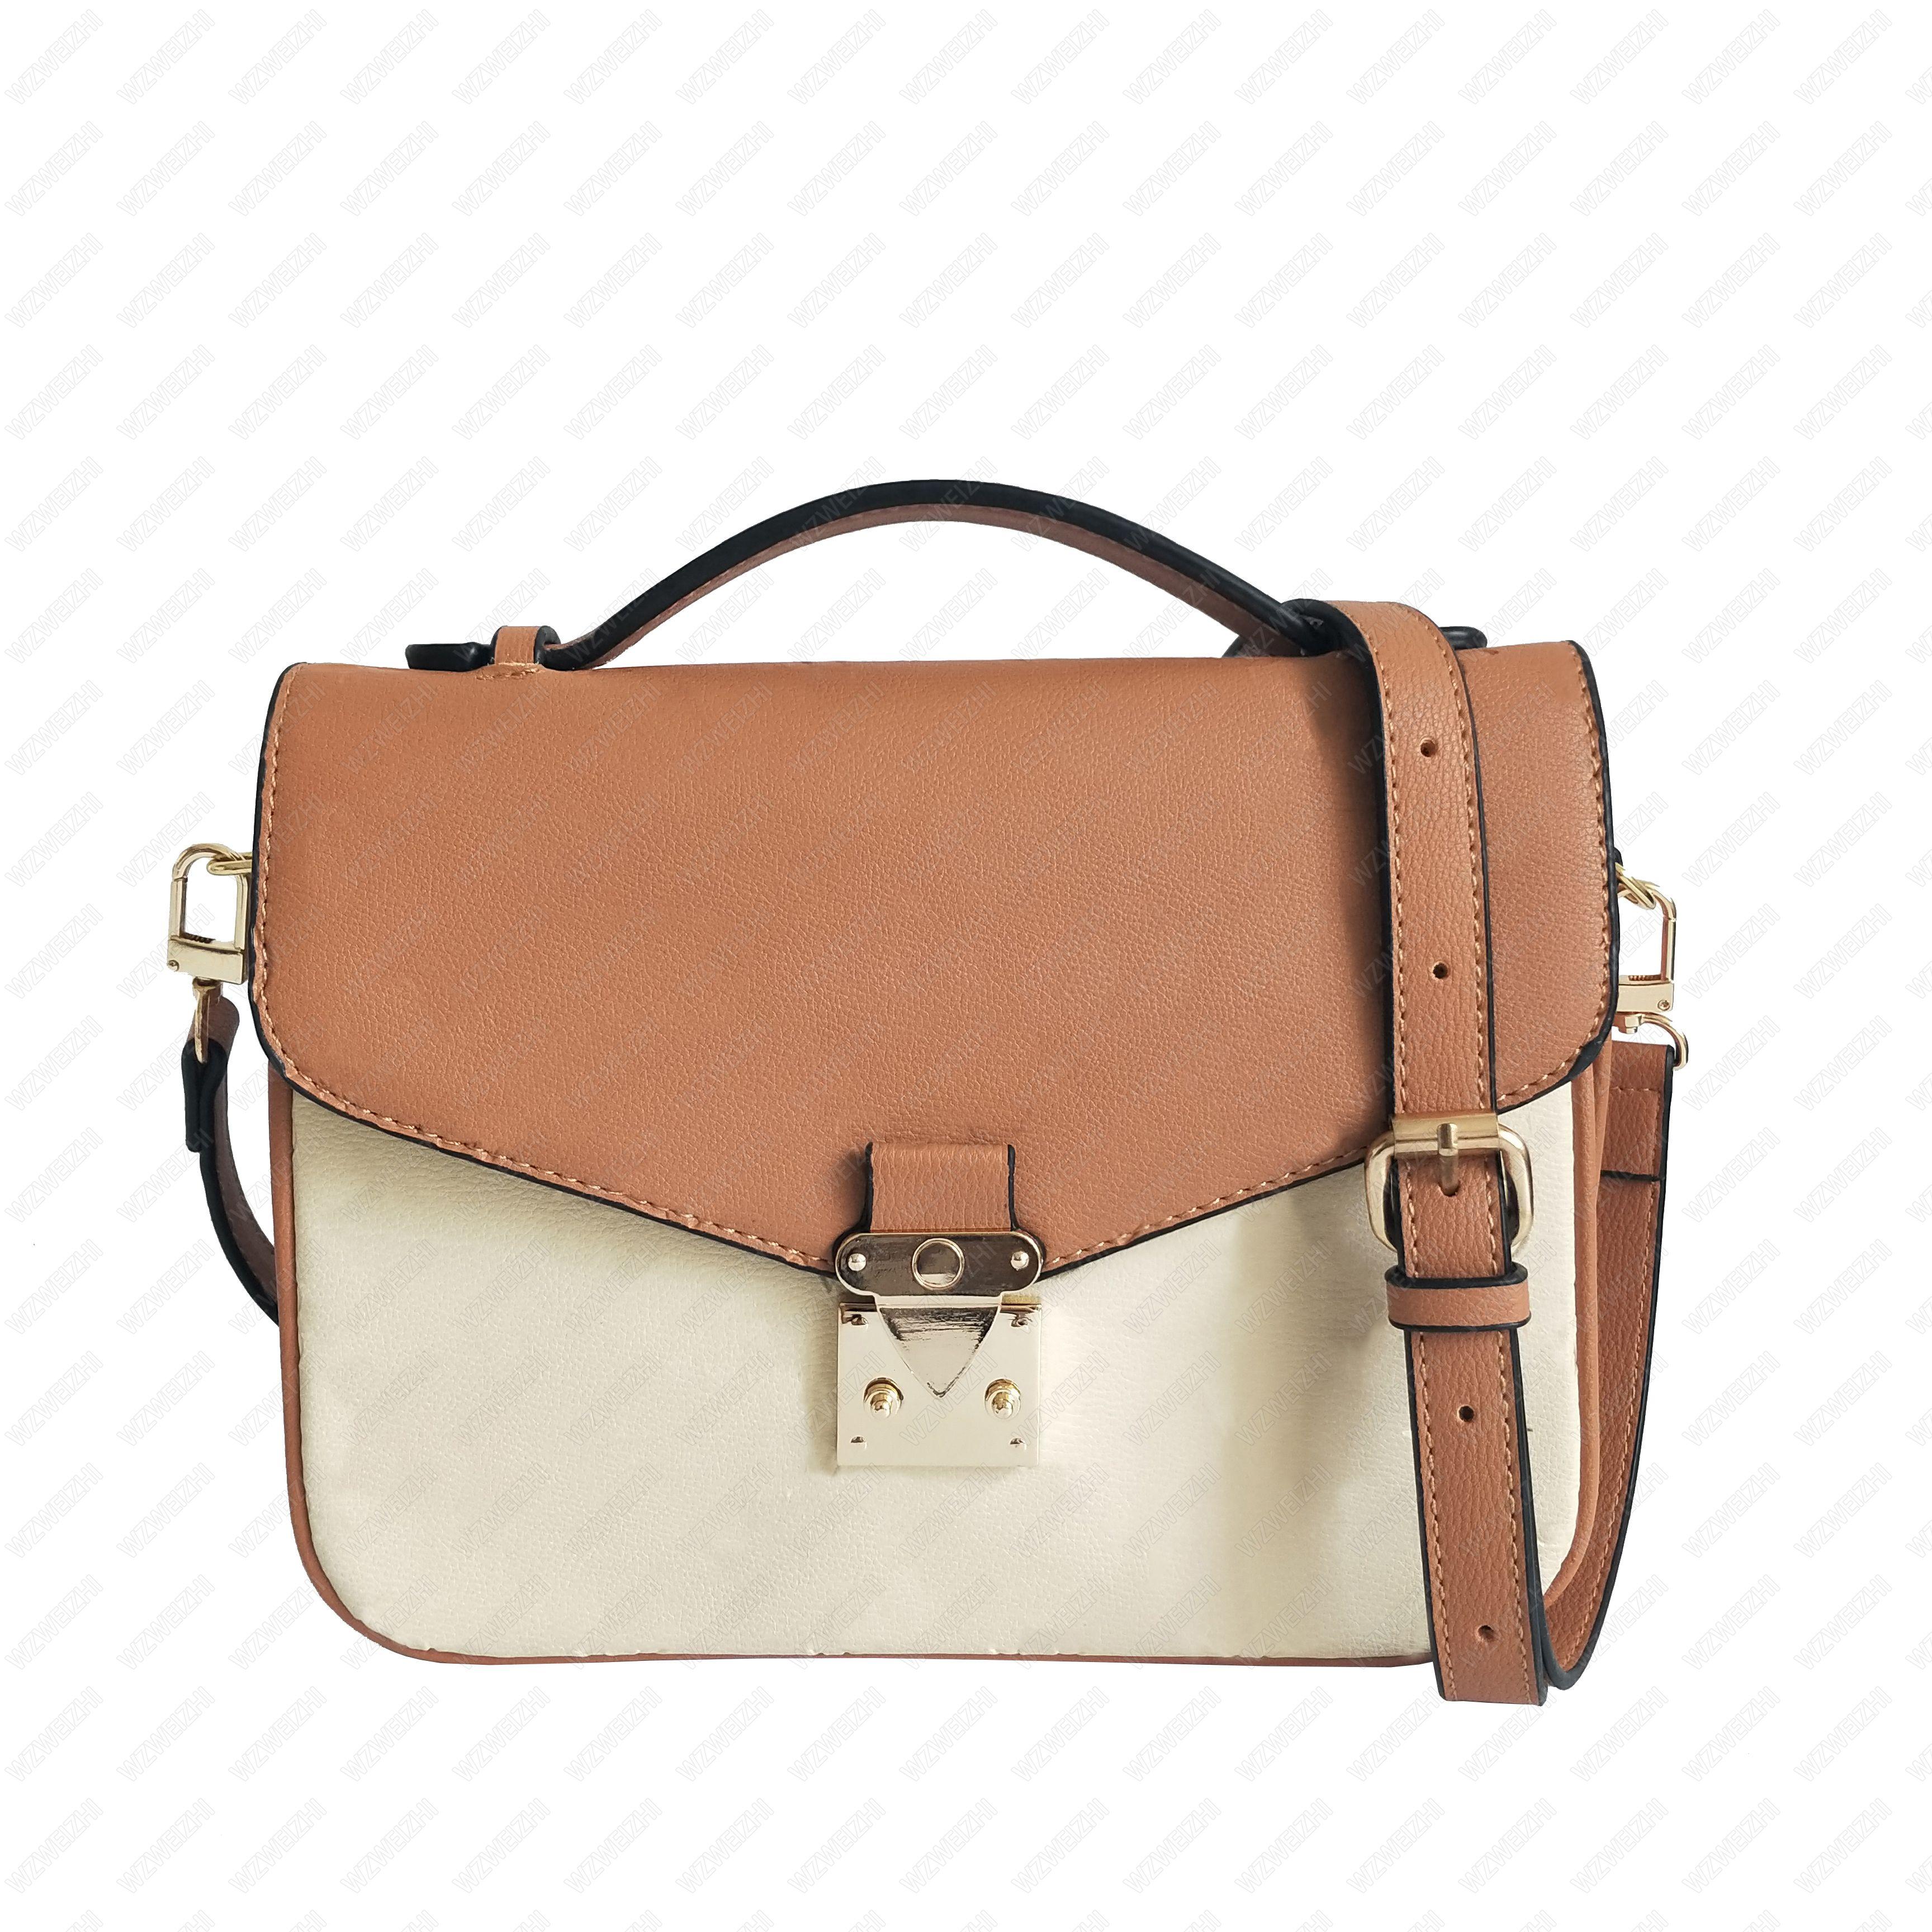 최고 품질의 클래식 메신저 가방 핸드백 여성 어깨 가방 크로스 바디 지갑 레이디 파리 인쇄 오래 된 꽃 totes 7 색